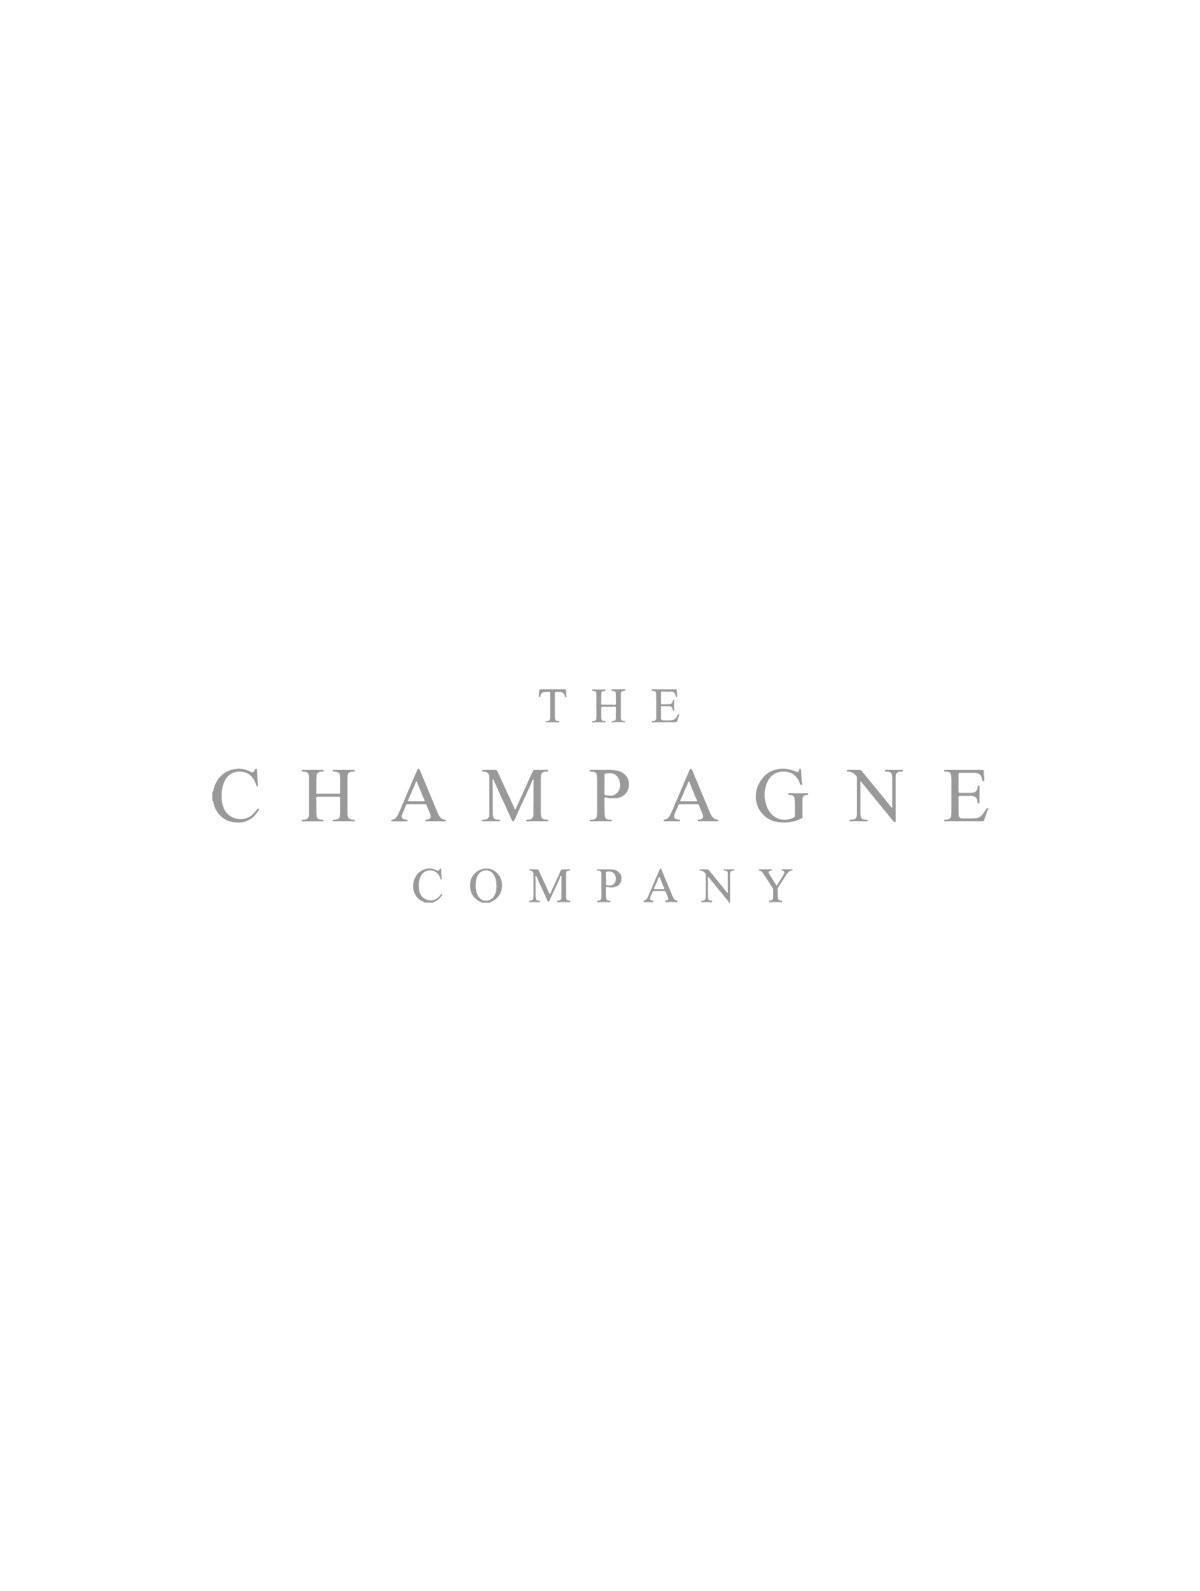 Louis Roederer Brut Premier Champagne NV 75cl Gift Box